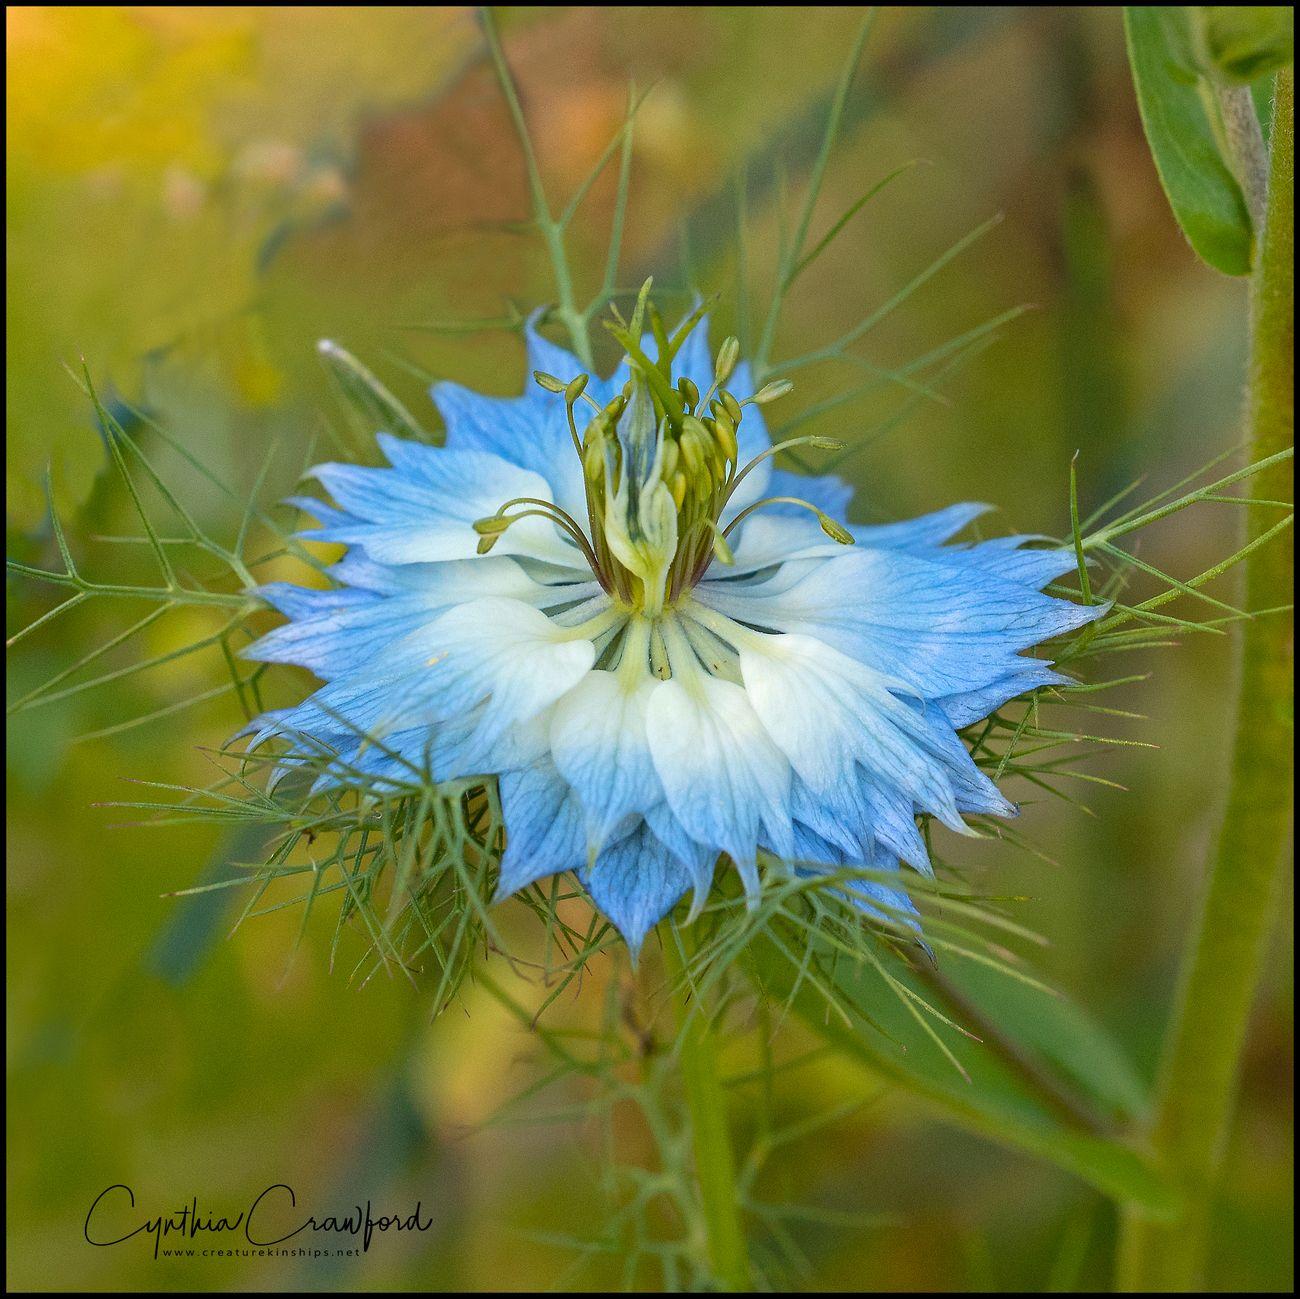 Love -in-a-mist-beautiful flower in a friend's garden